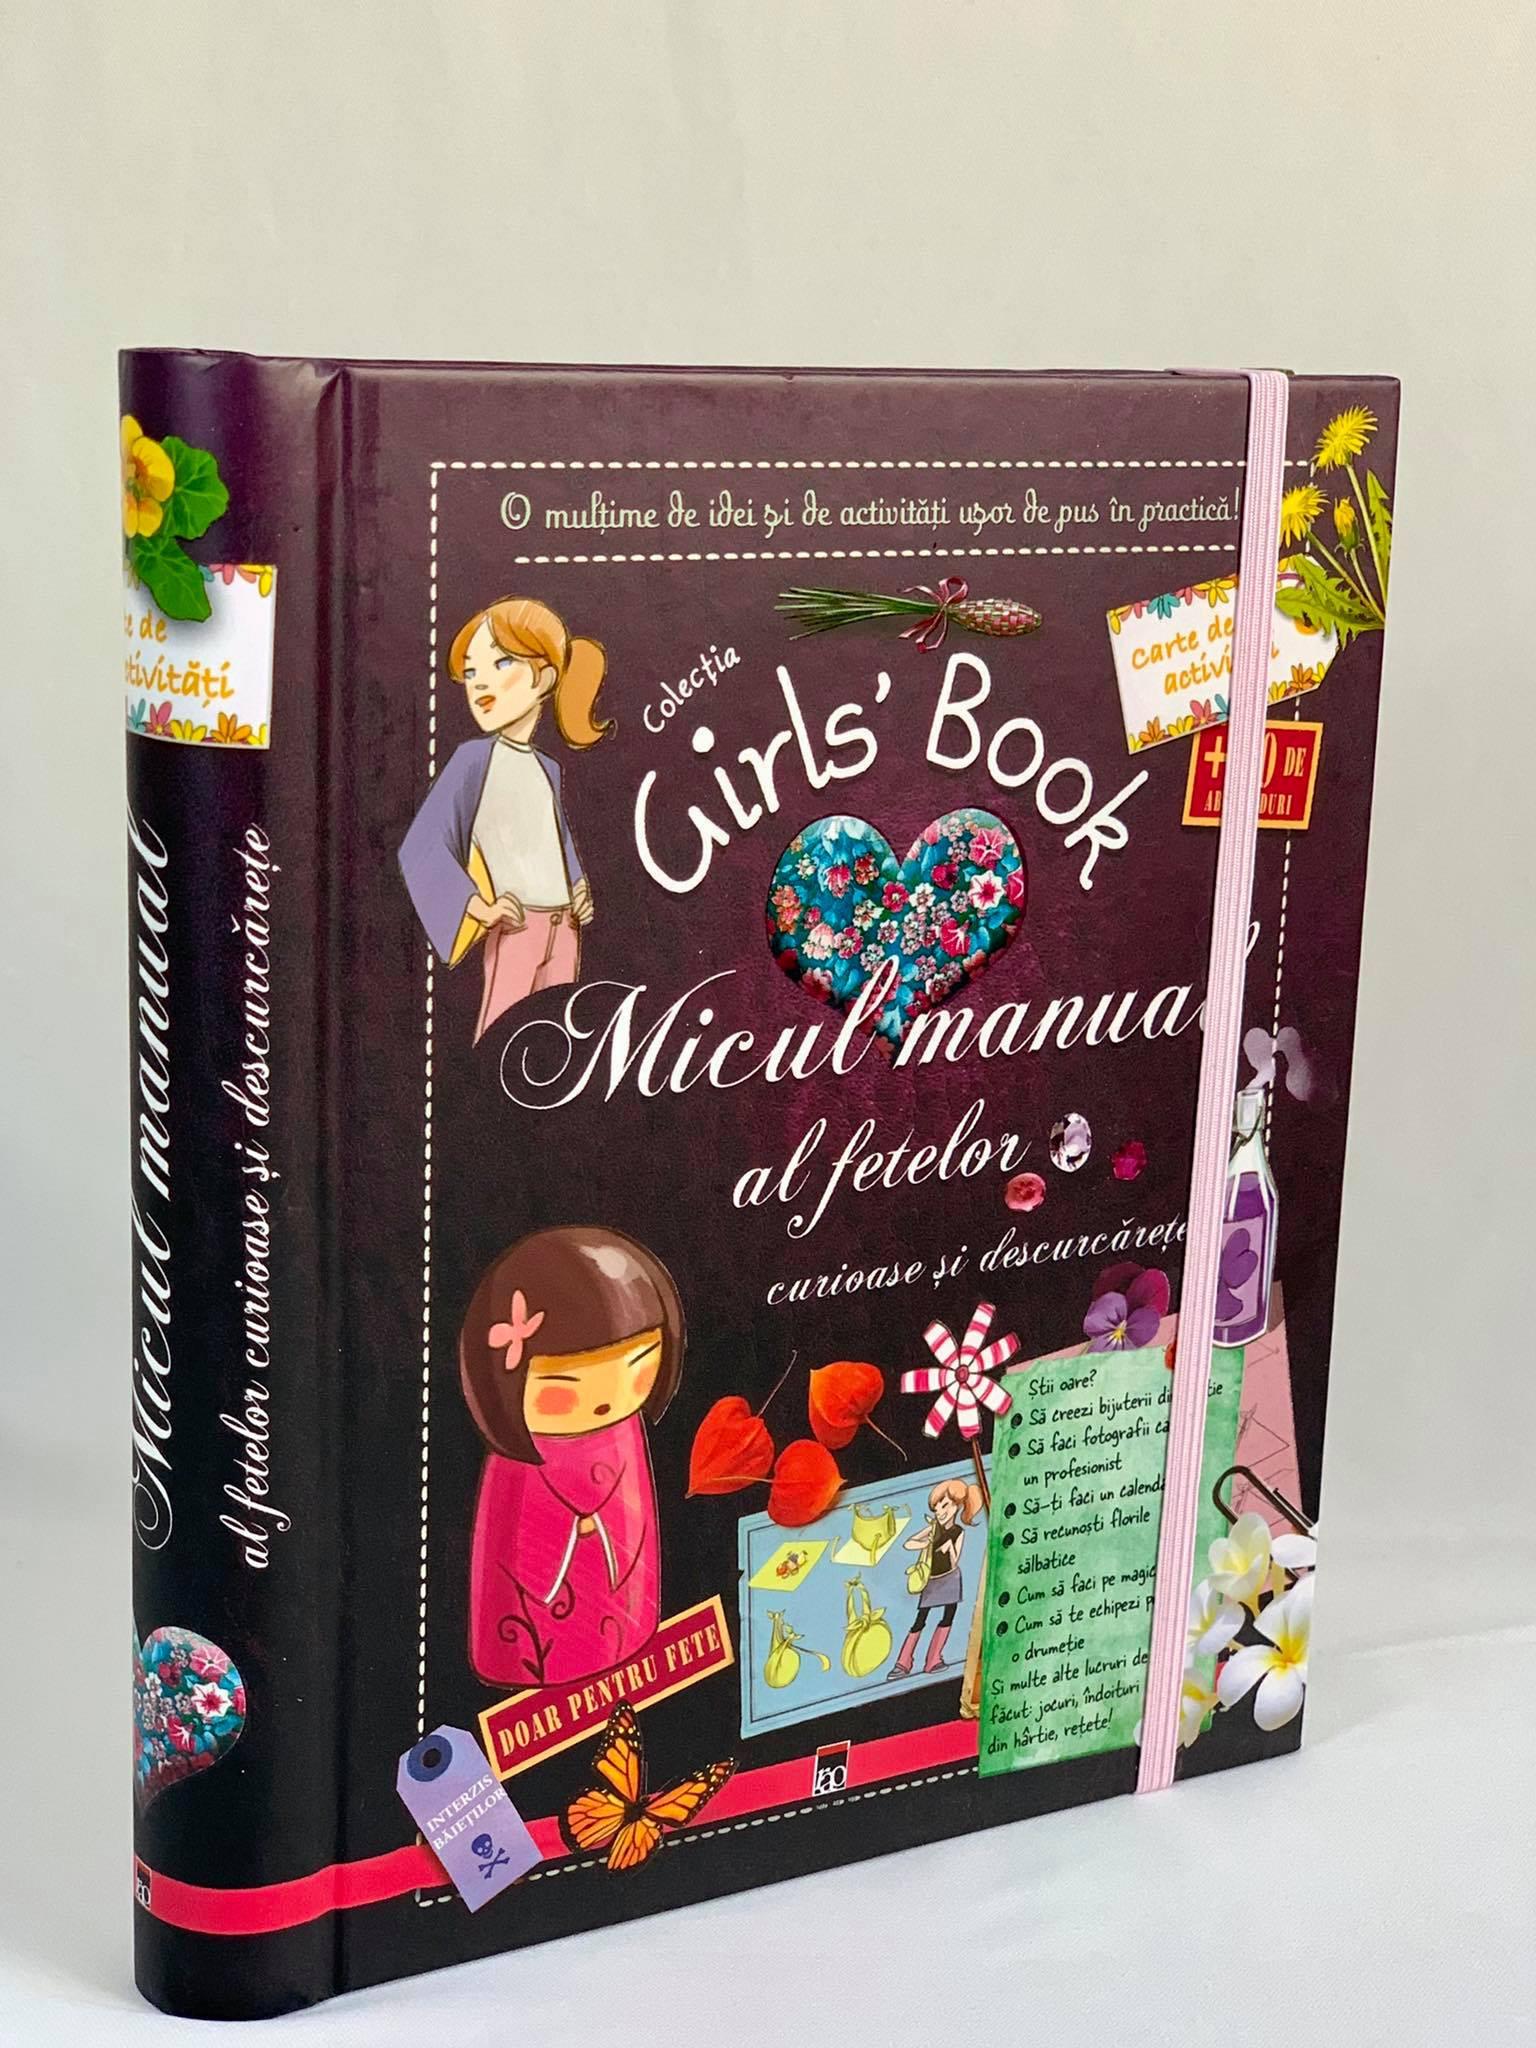 Micul manual al fetelor curioase și descurcărețe